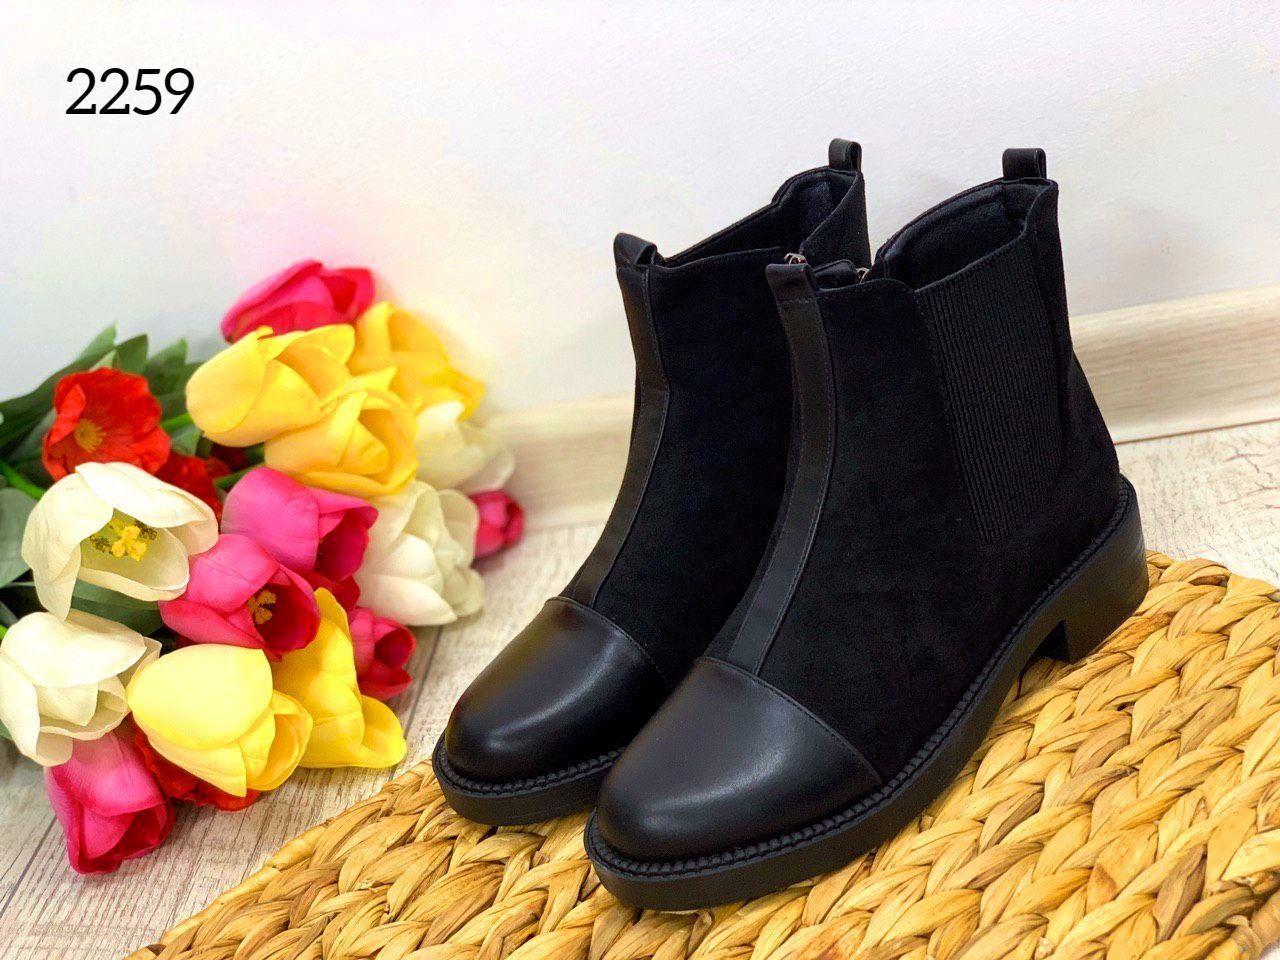 ХИТ ПРОДАЖ!! Ботинки женские Весна. Арт.2259